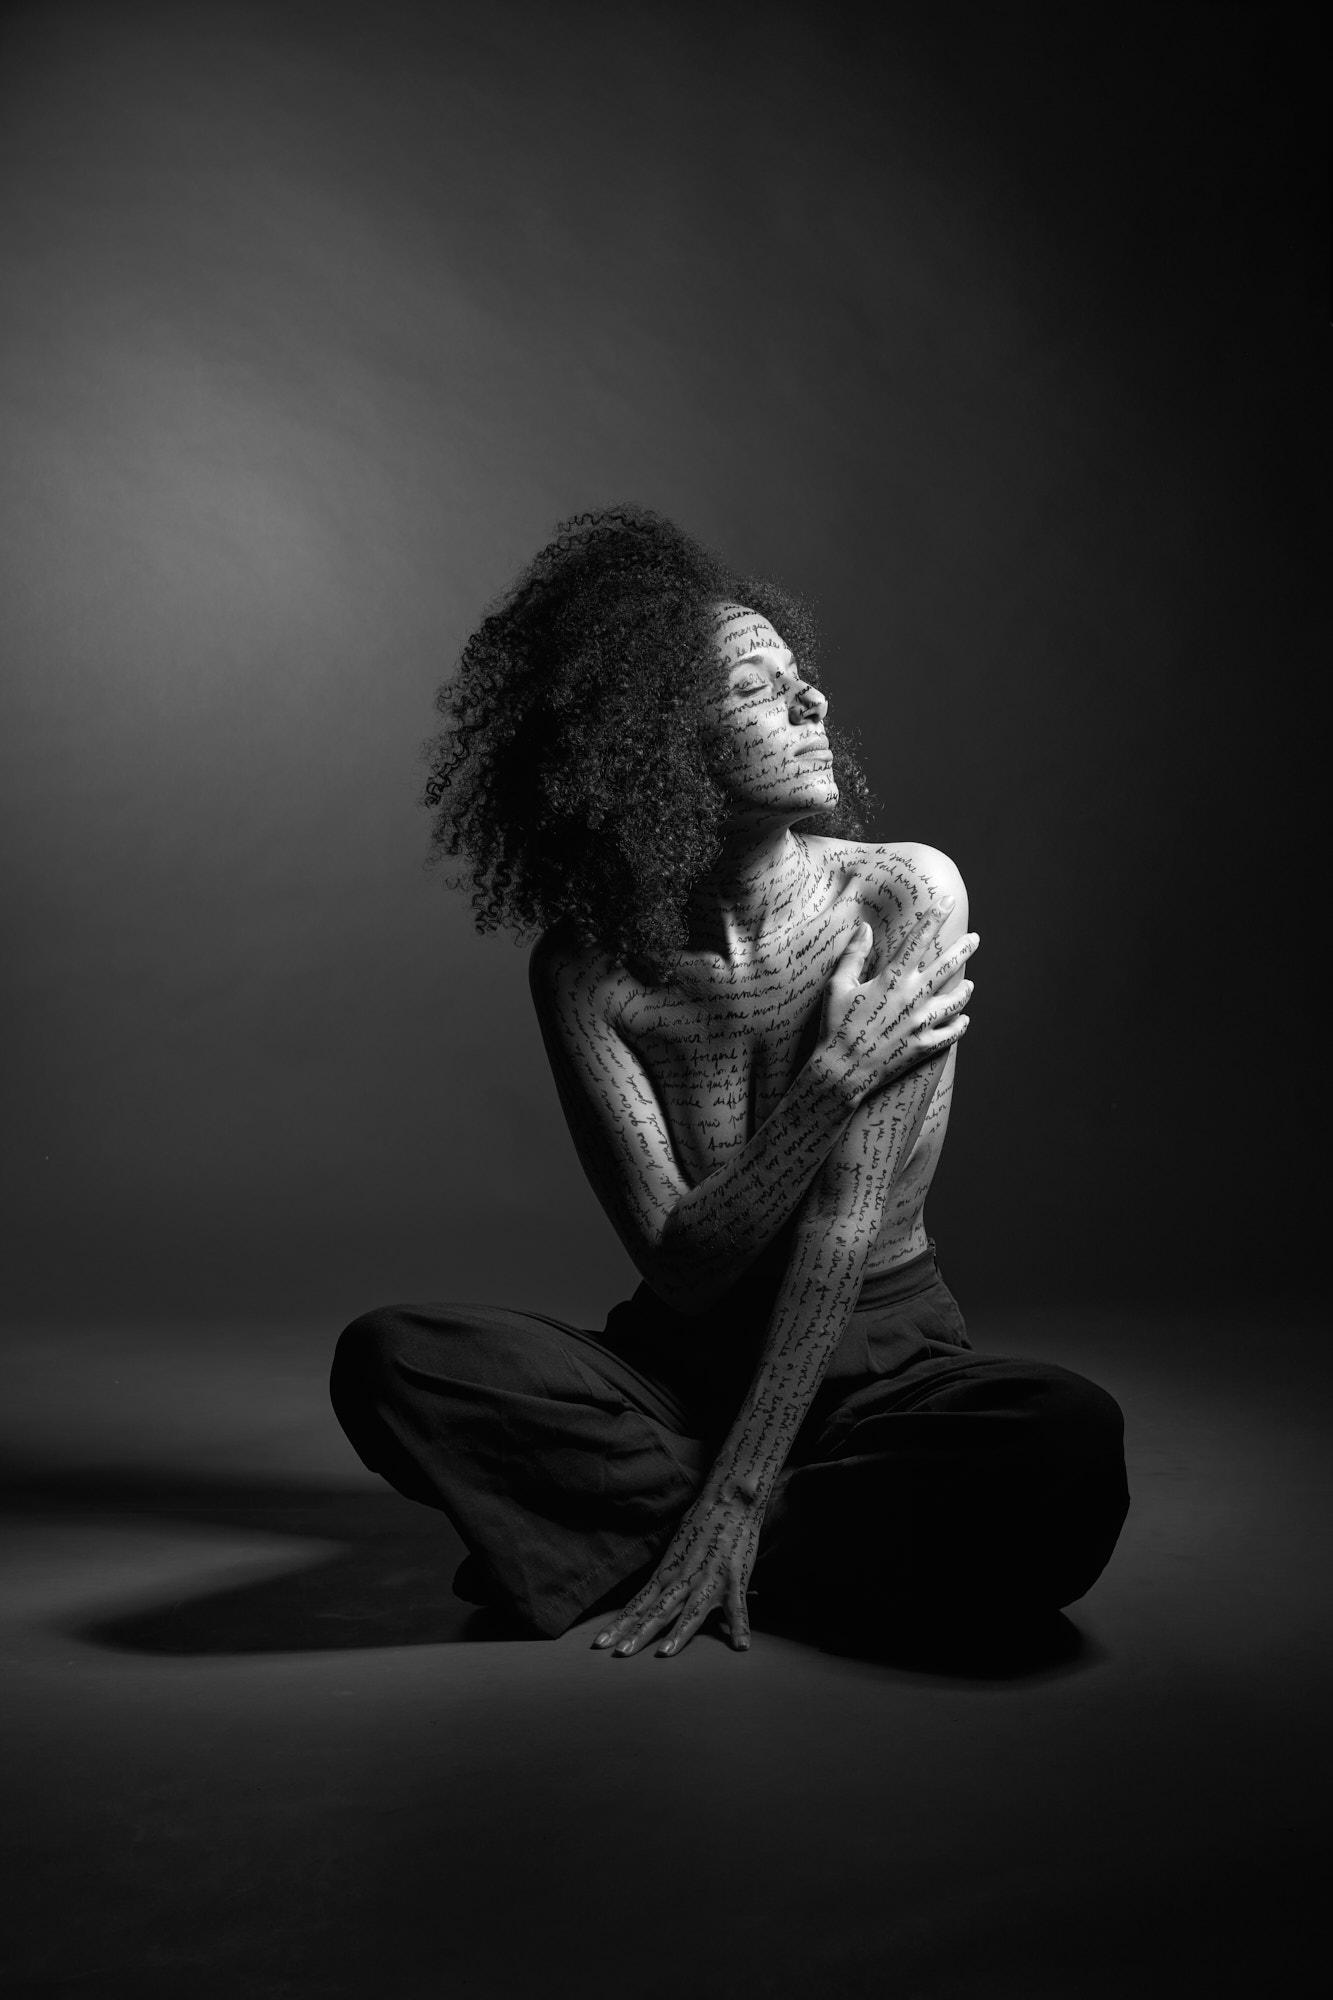 Ue femme assise, écriture sur le corps